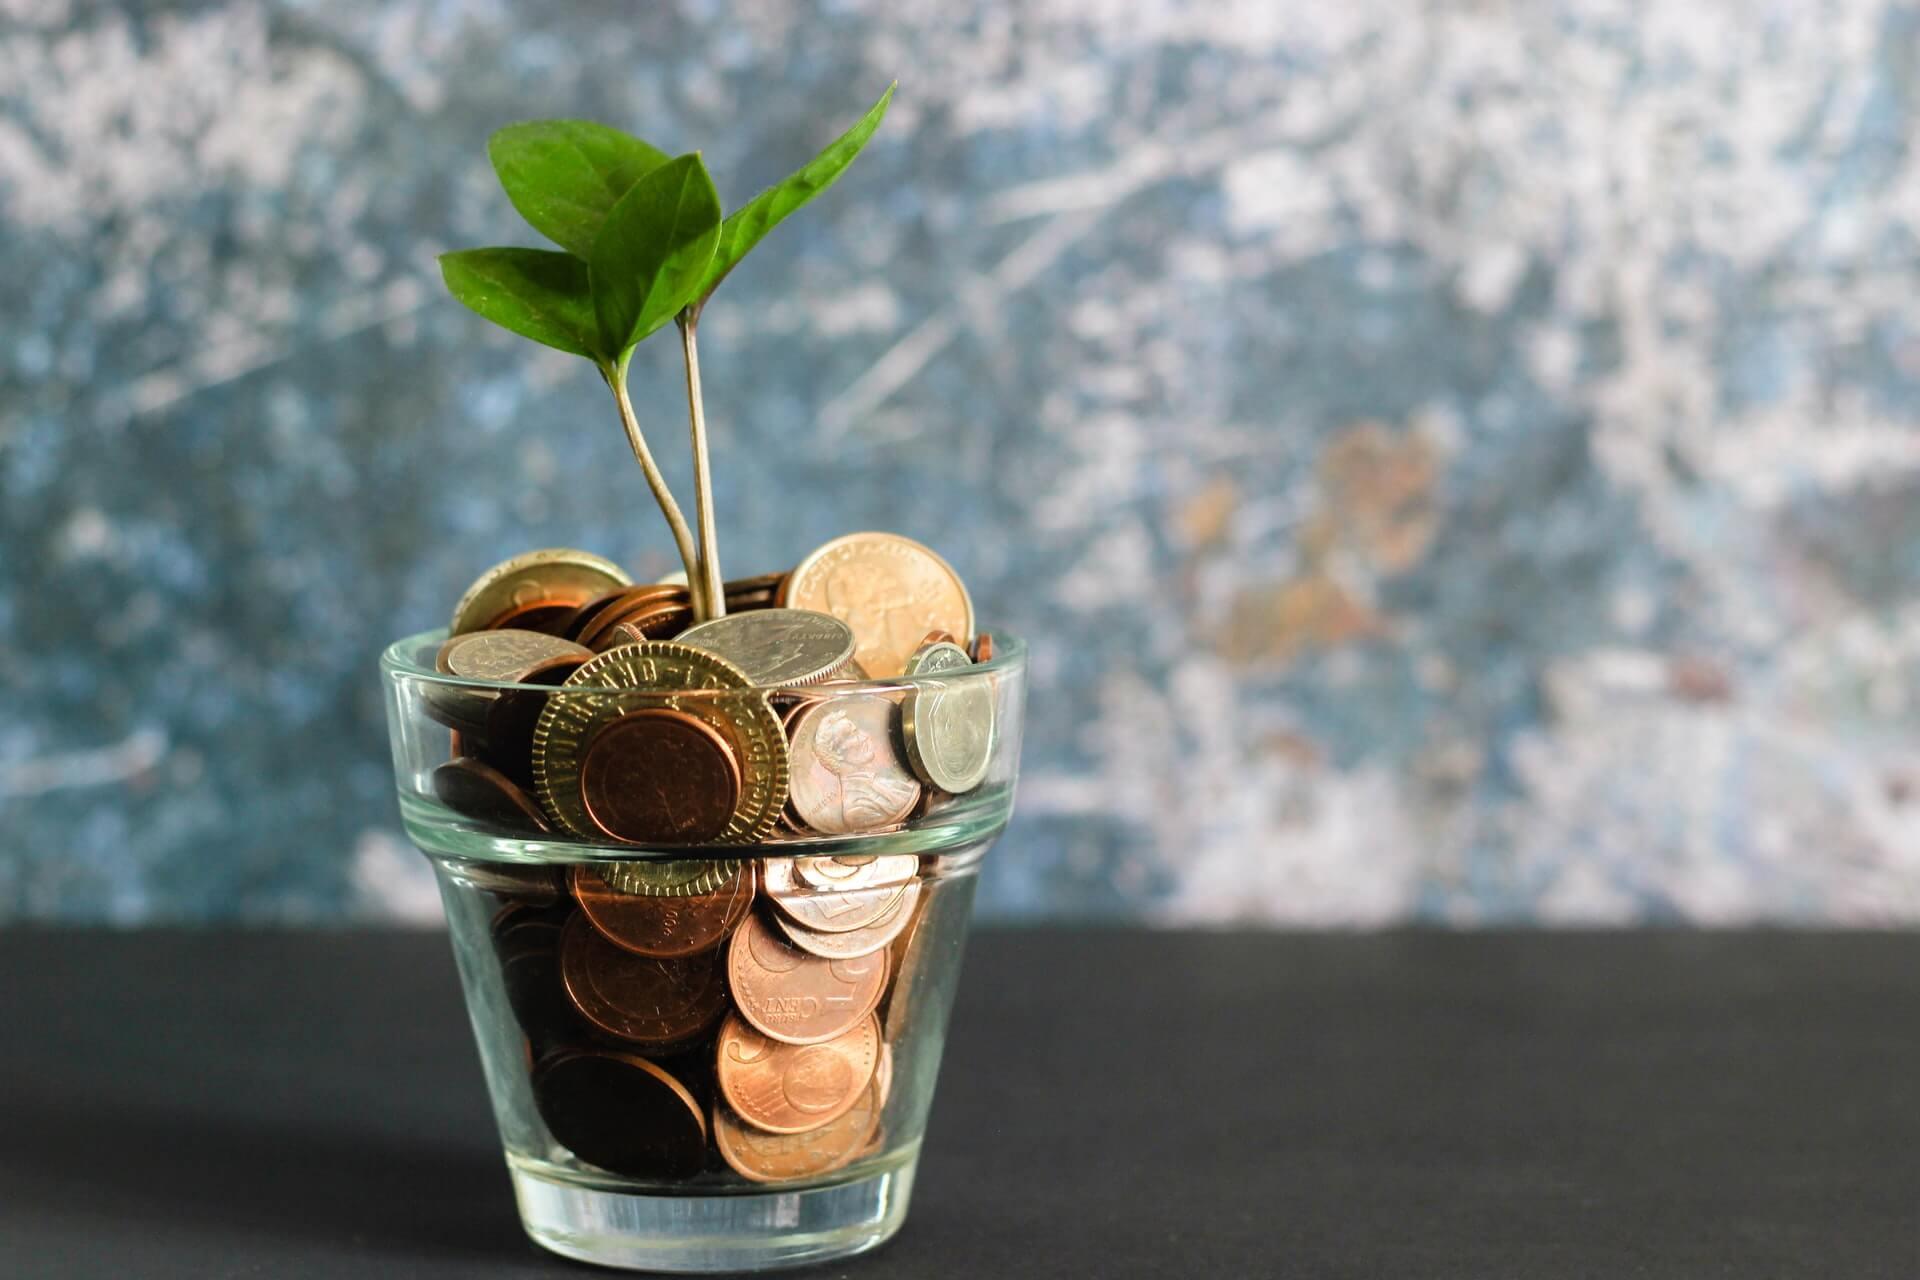 Cash flow issues? Stop met bezuinigen op uw directe kosten!